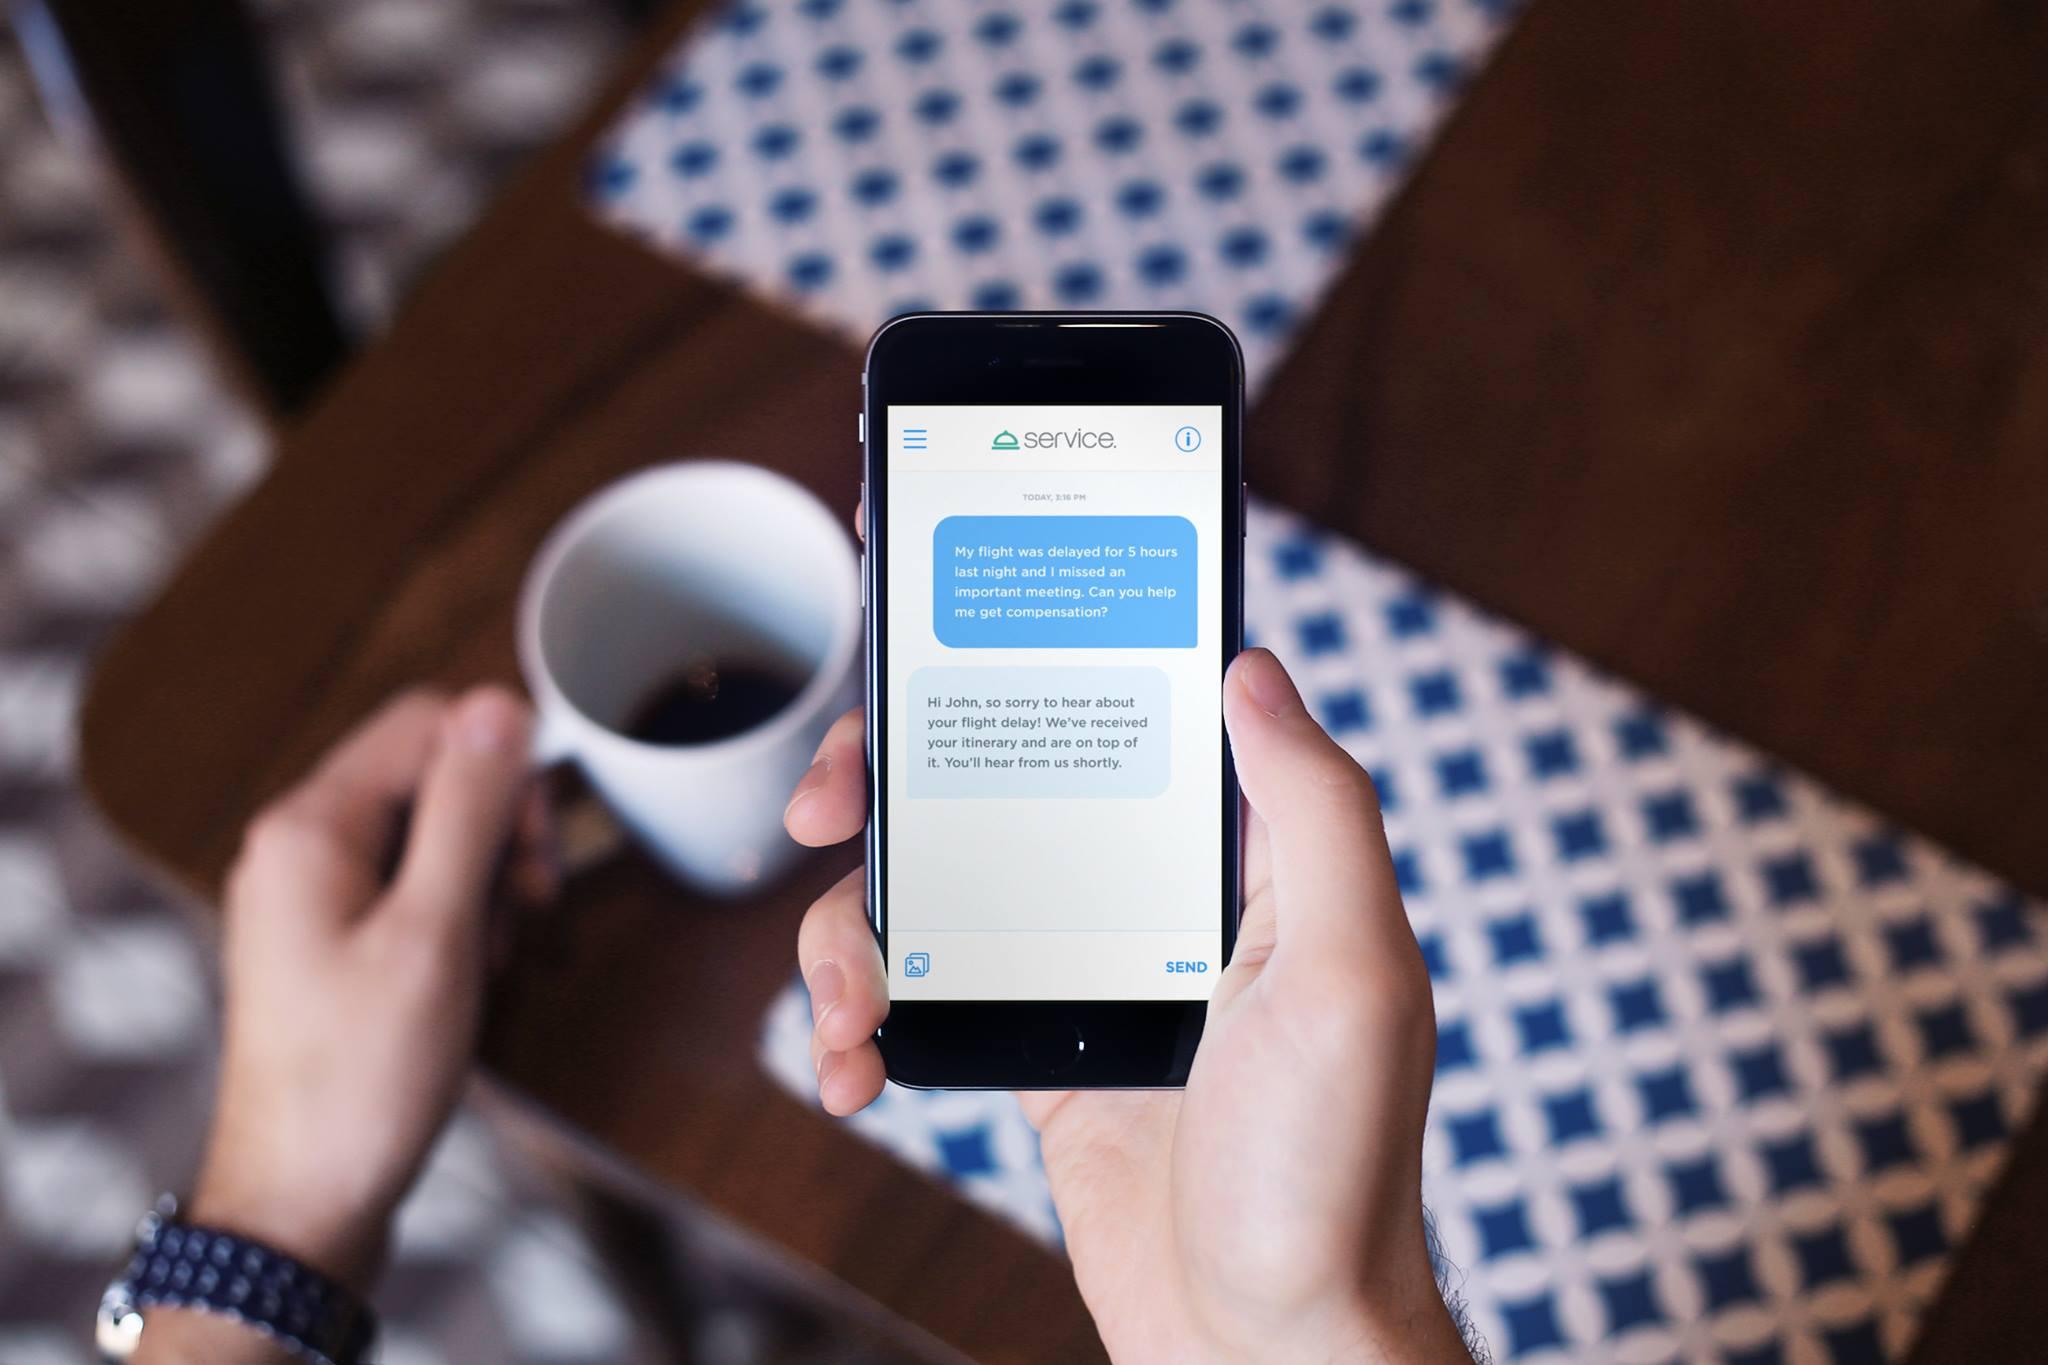 Inspírate en Service, una app para solucionar problemas con empresas